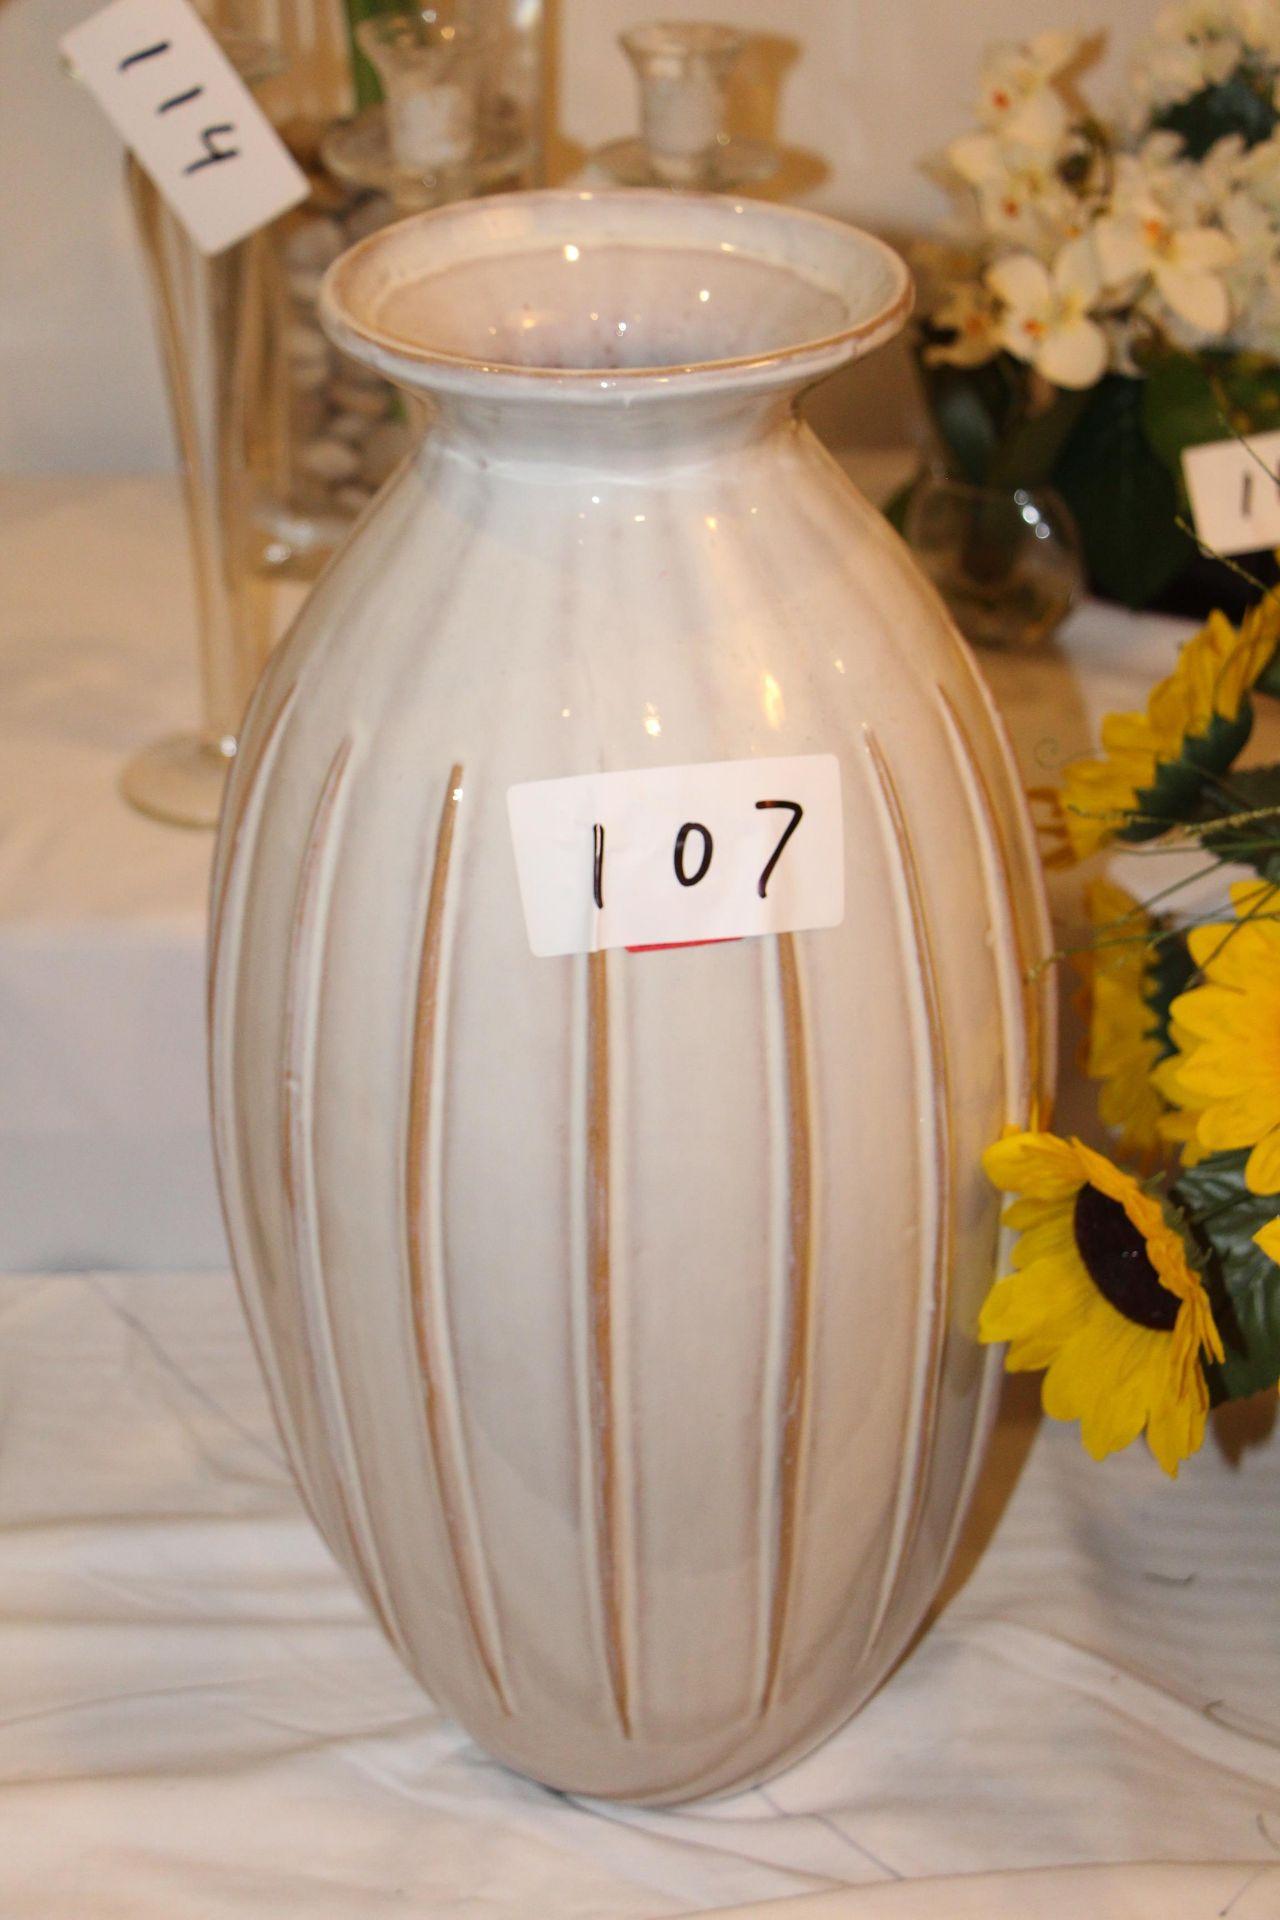 Lot 107 - Porcelain vase